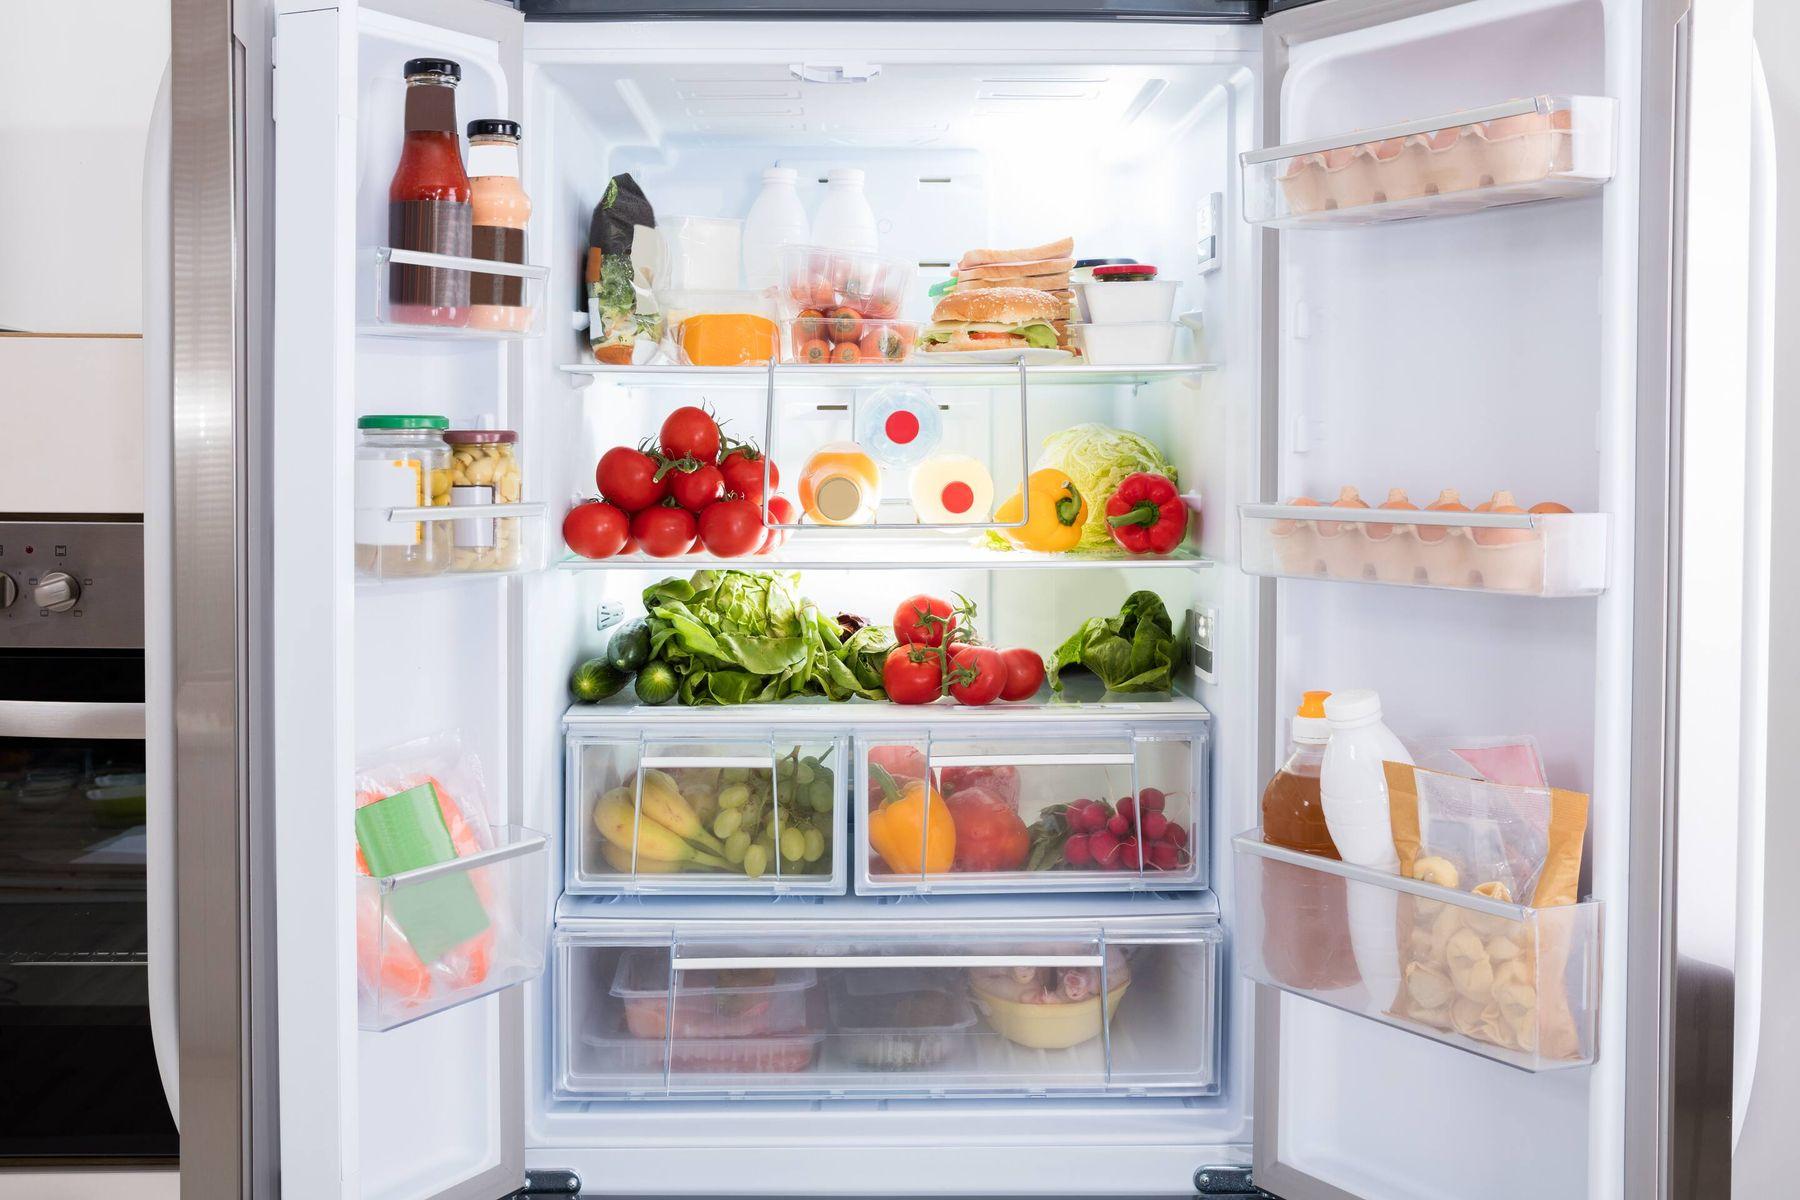 vệ sinh nhà sạch - tủ lạnh cũng rất nhiều vi khuẩn